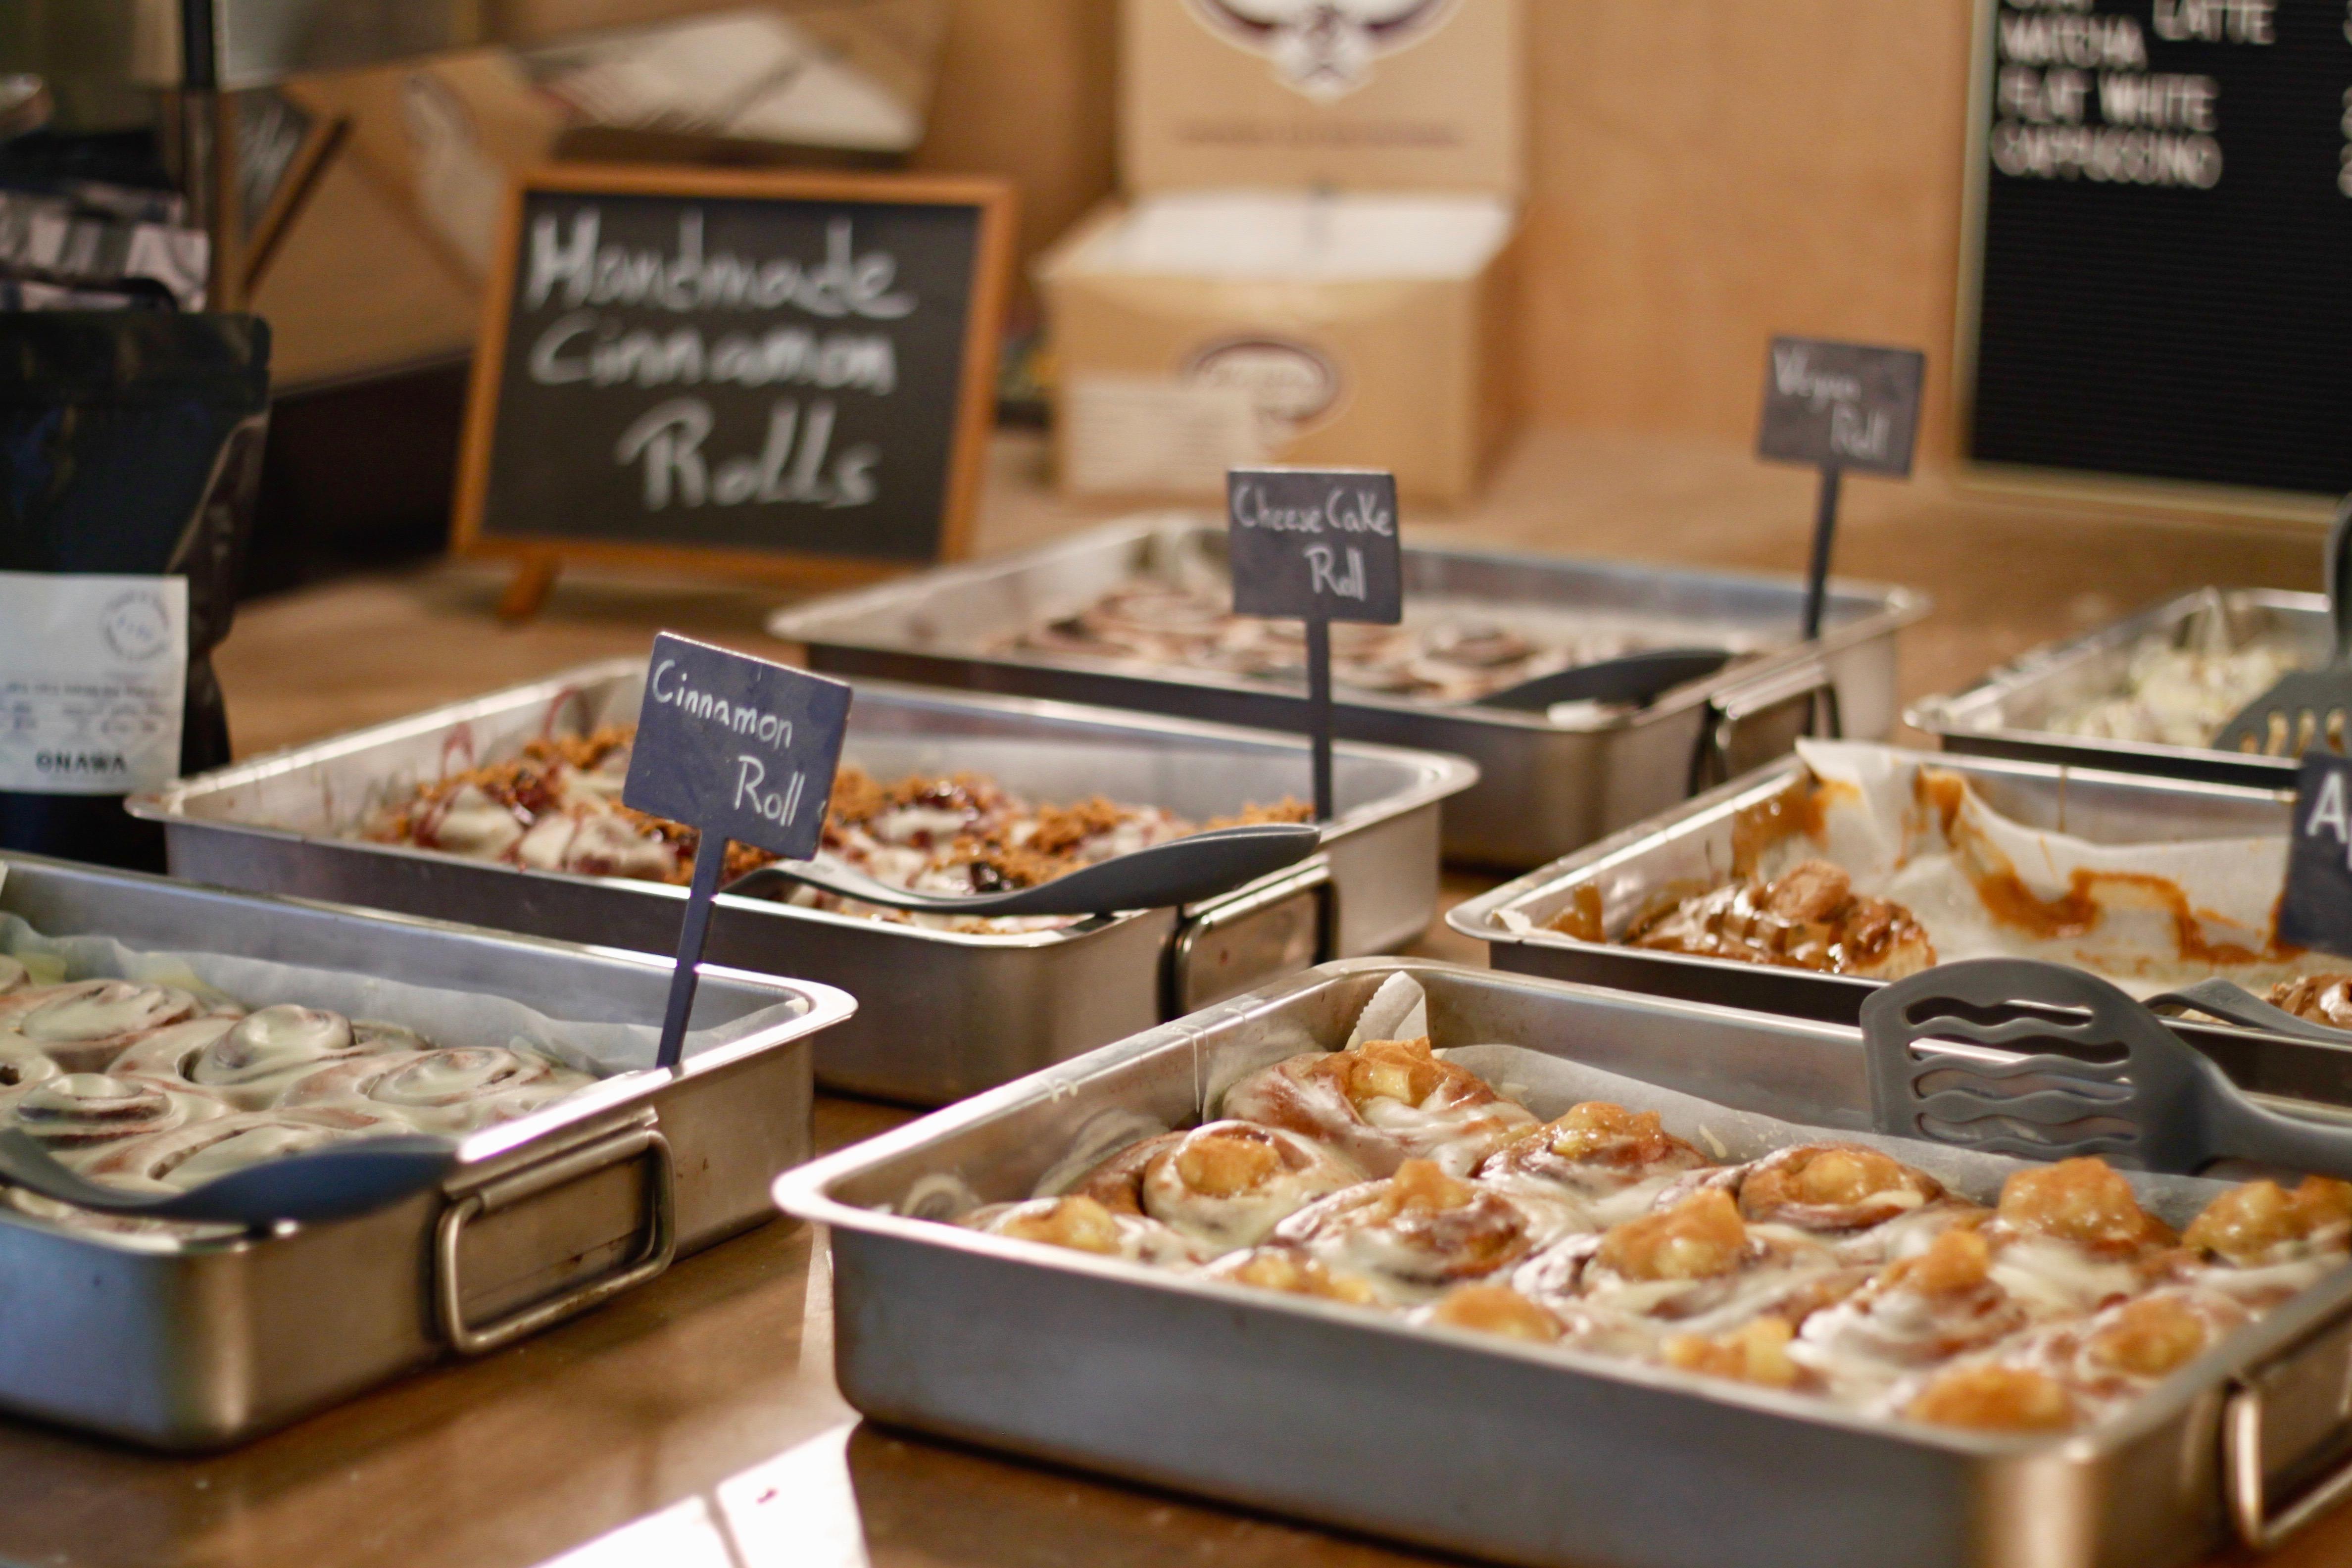 Candela Canela Rolls, el comfort food definitivo está aquí